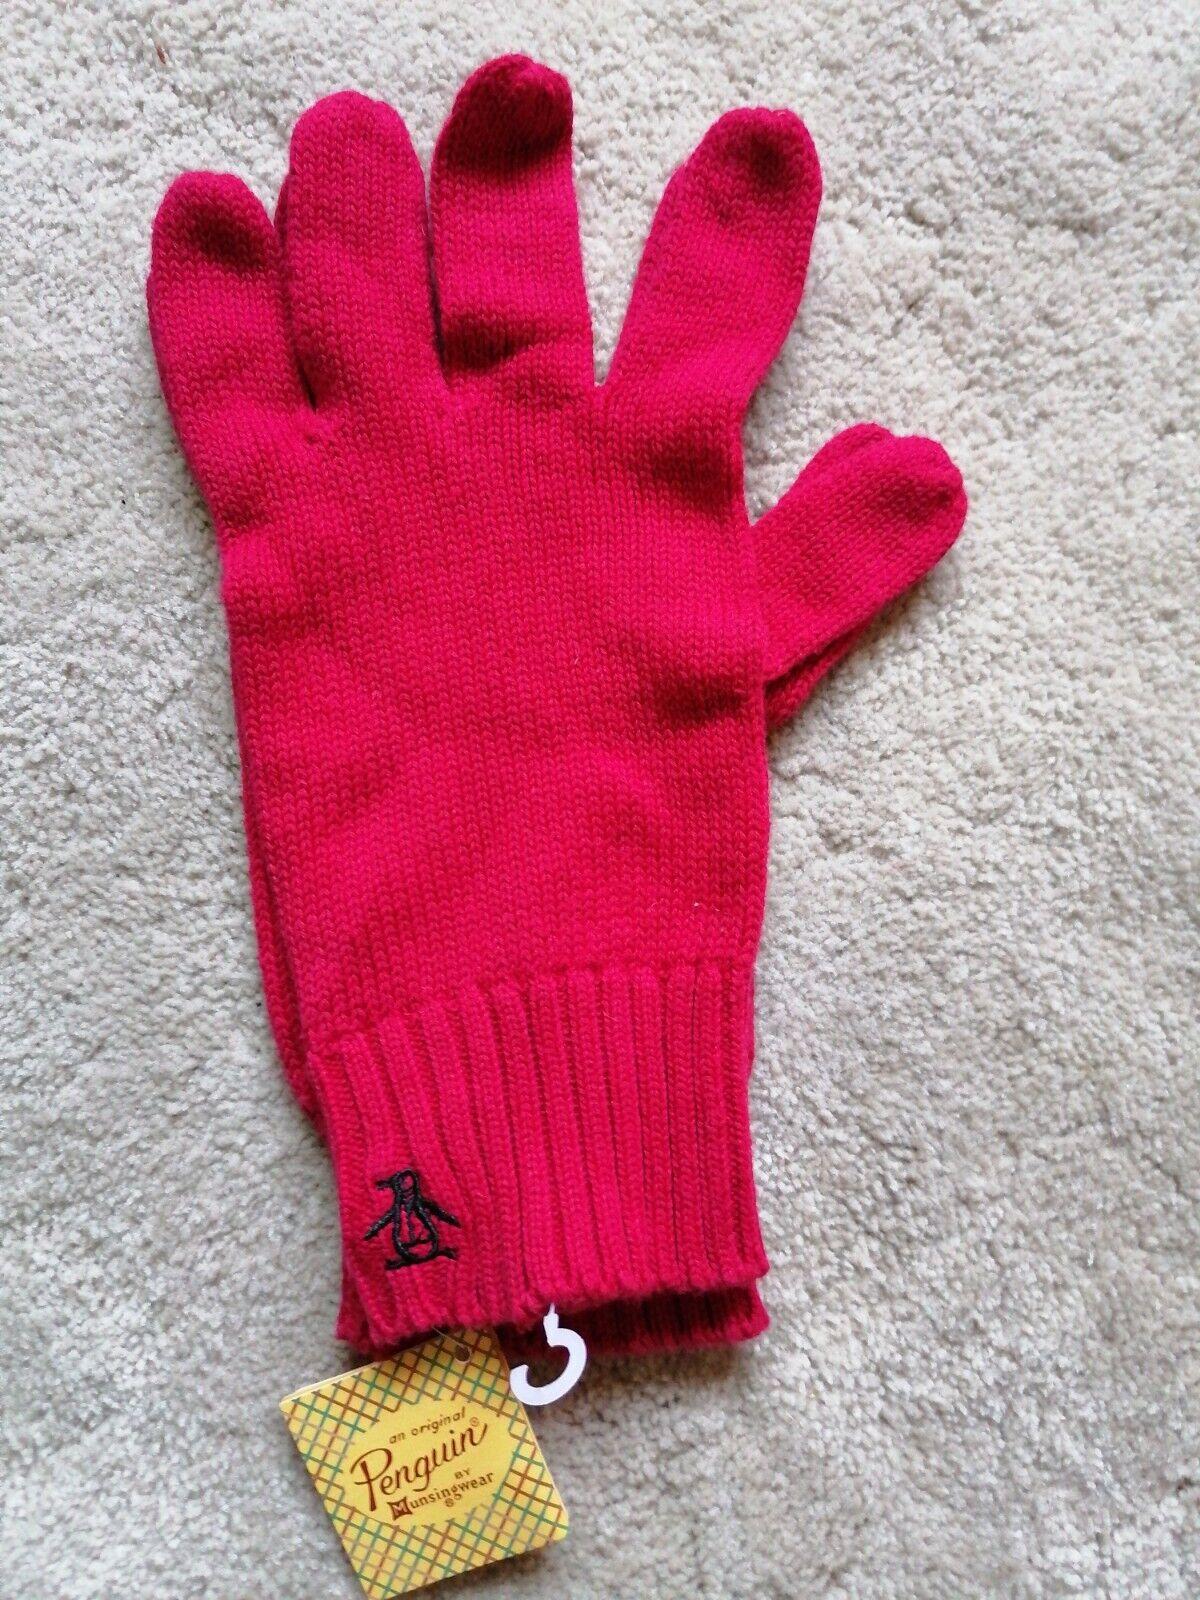 BNWT - ORIGINAL PENGUIN Knitted Winter unisex Gloves - Red